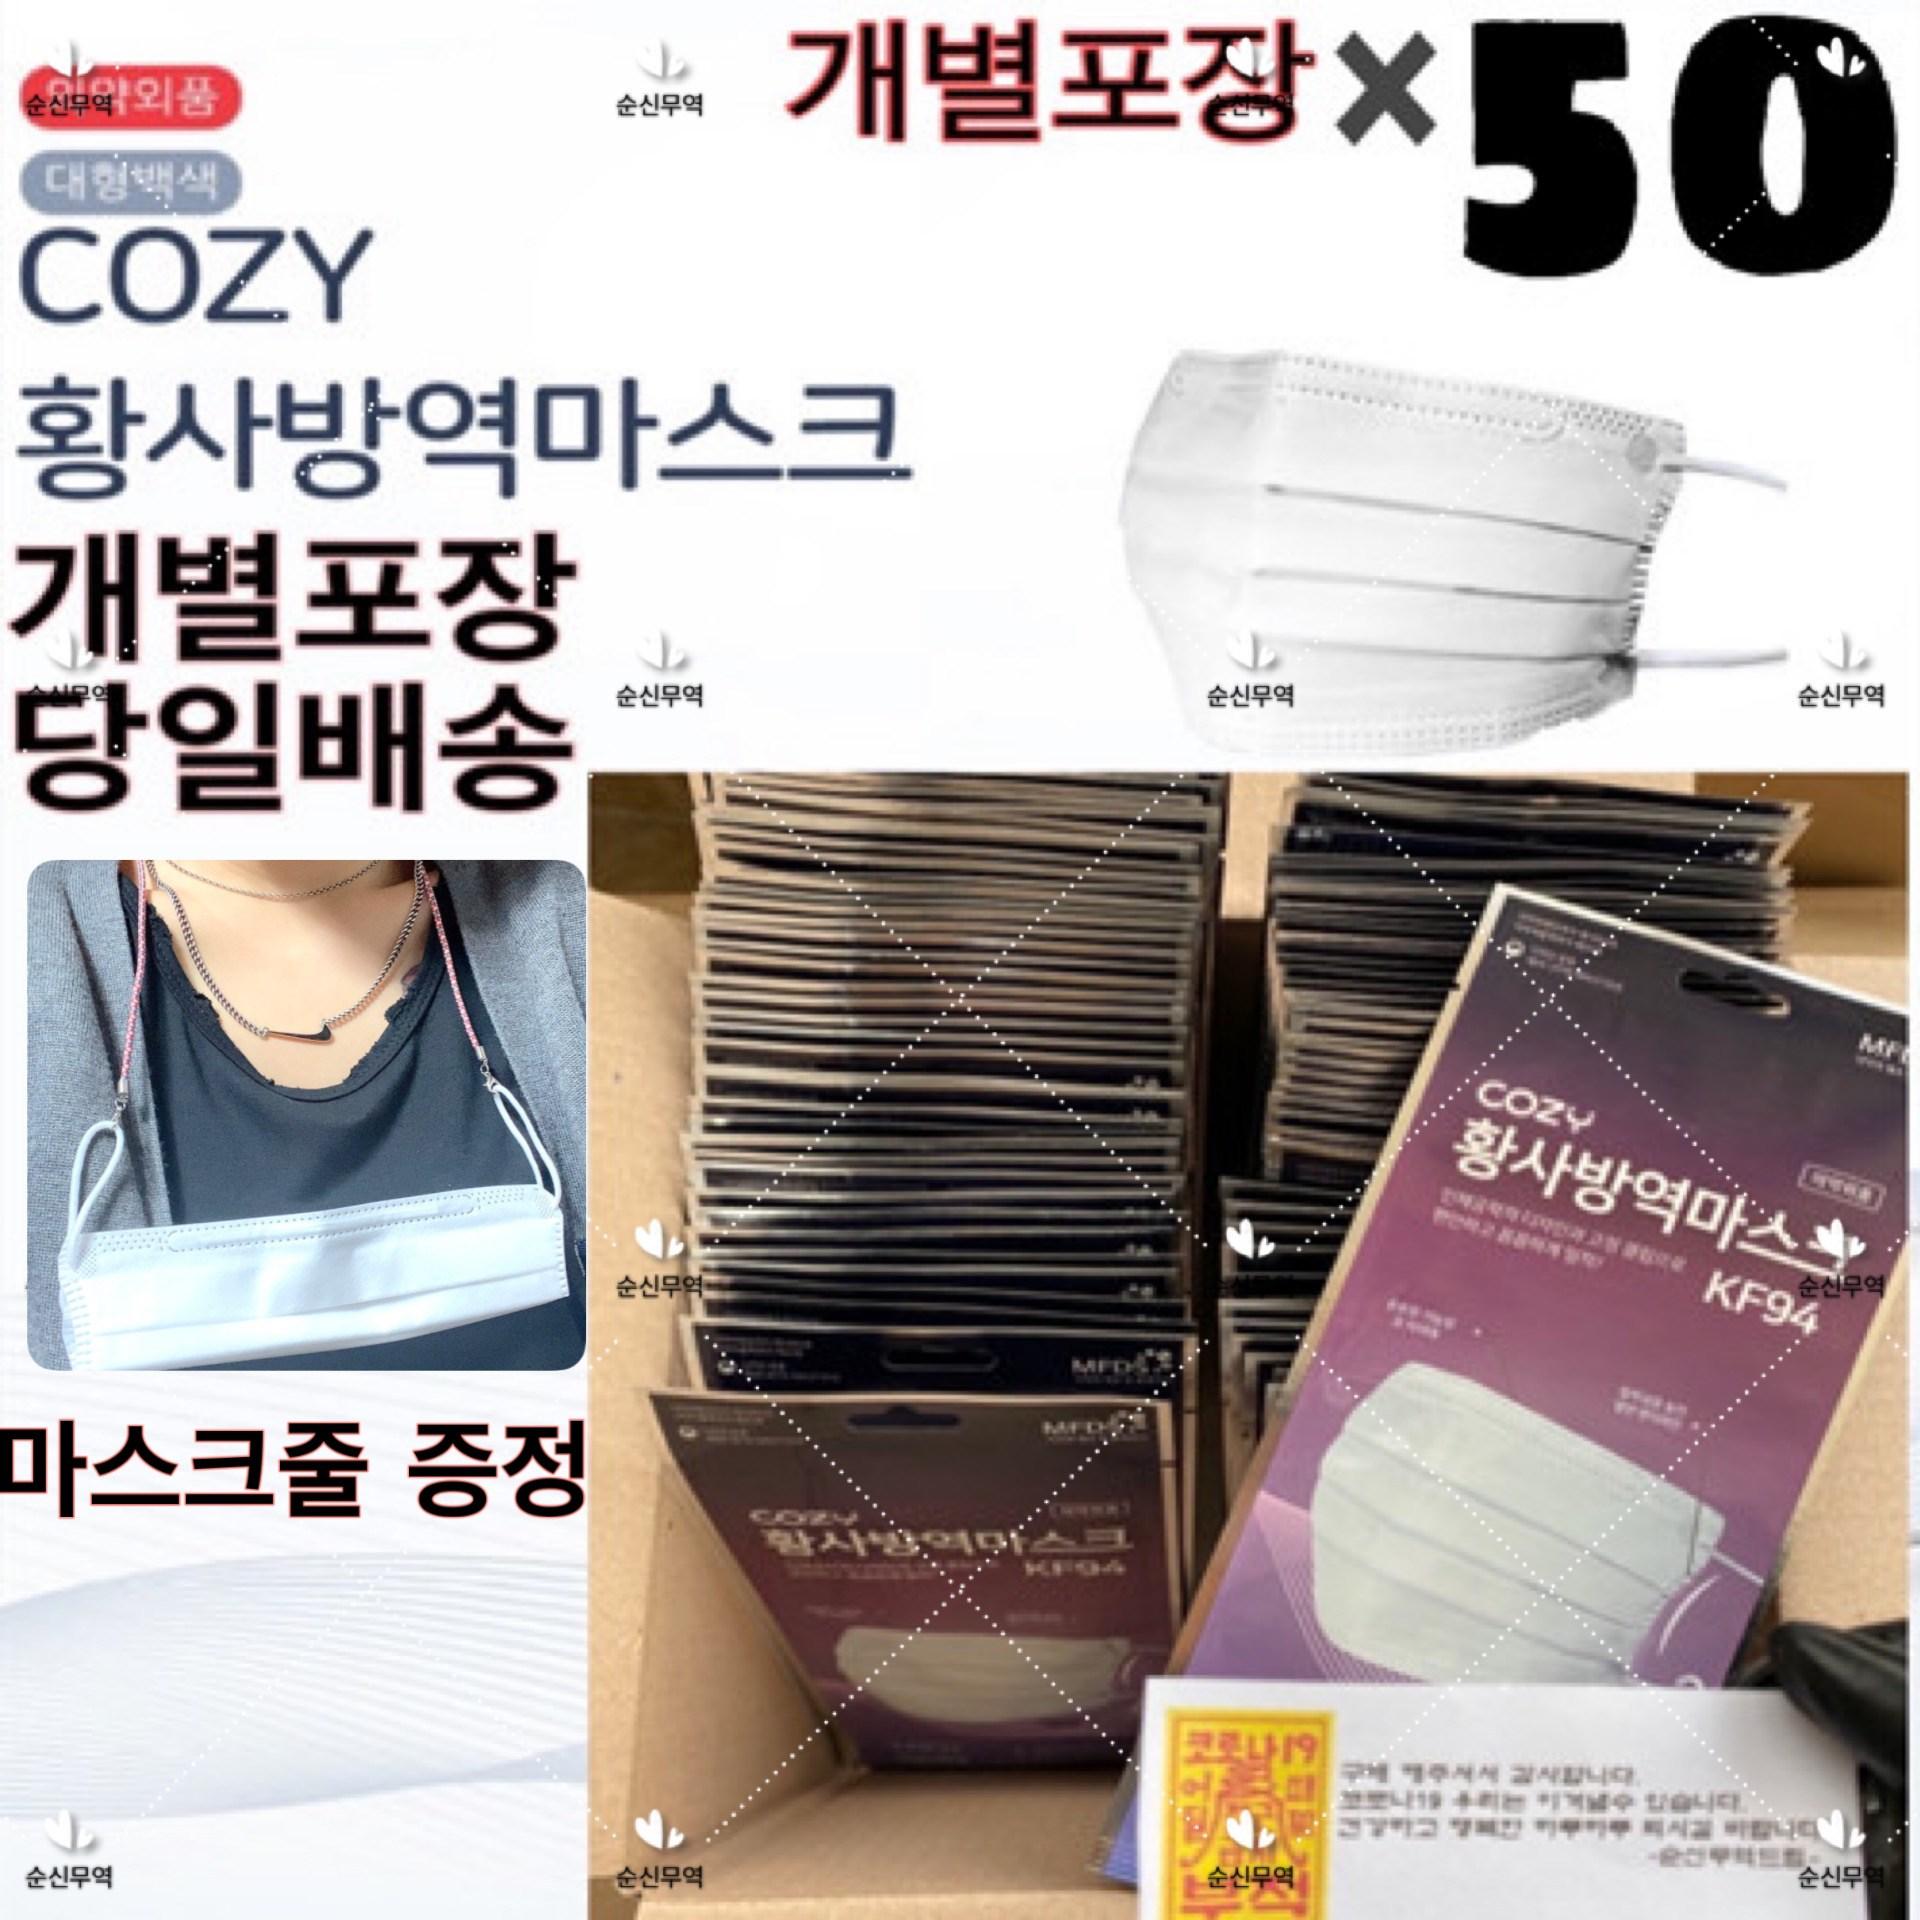 (타임세일)코지COZY KF94 황사방역마스크 개별포장X50_X100개 화이트 국내원단 마스크줄증정 당일배송, 1개입, 50개